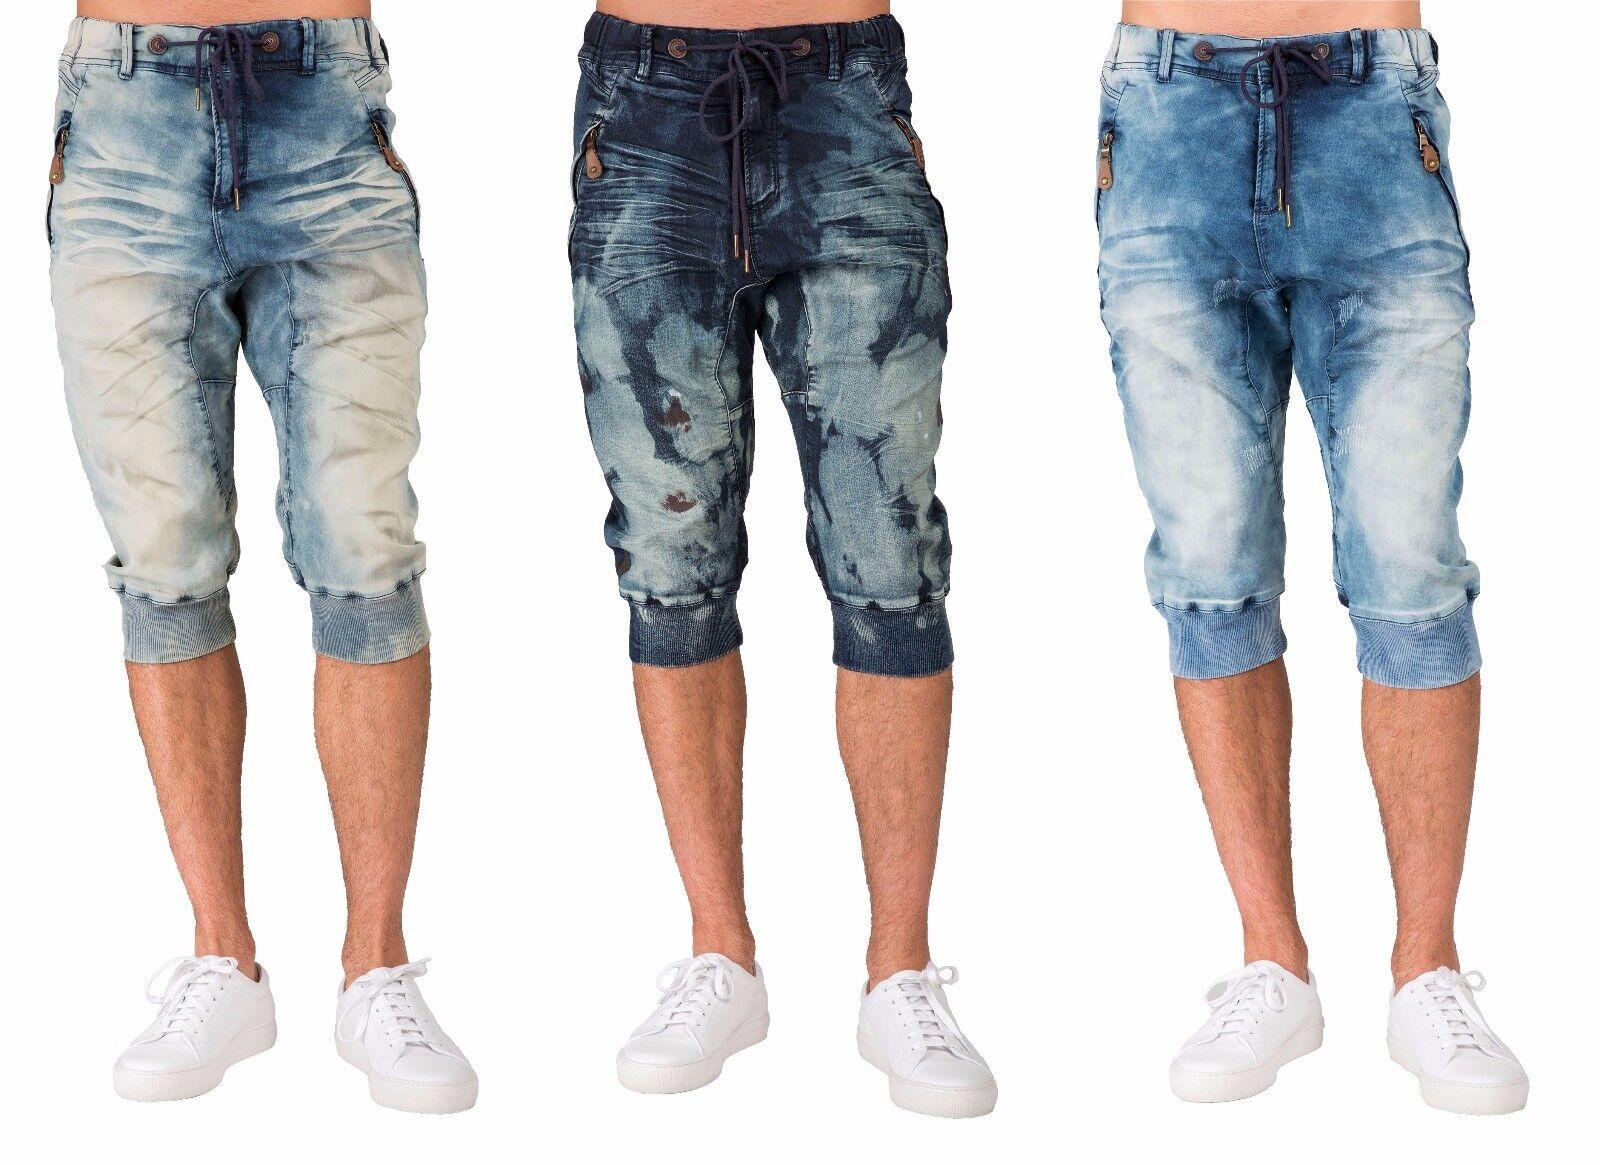 e4f9561746 Level 7 Men's Premium Capri Knit Denim Shorts Medium bluee Jogger Clouded  nvdptj25442-Shorts